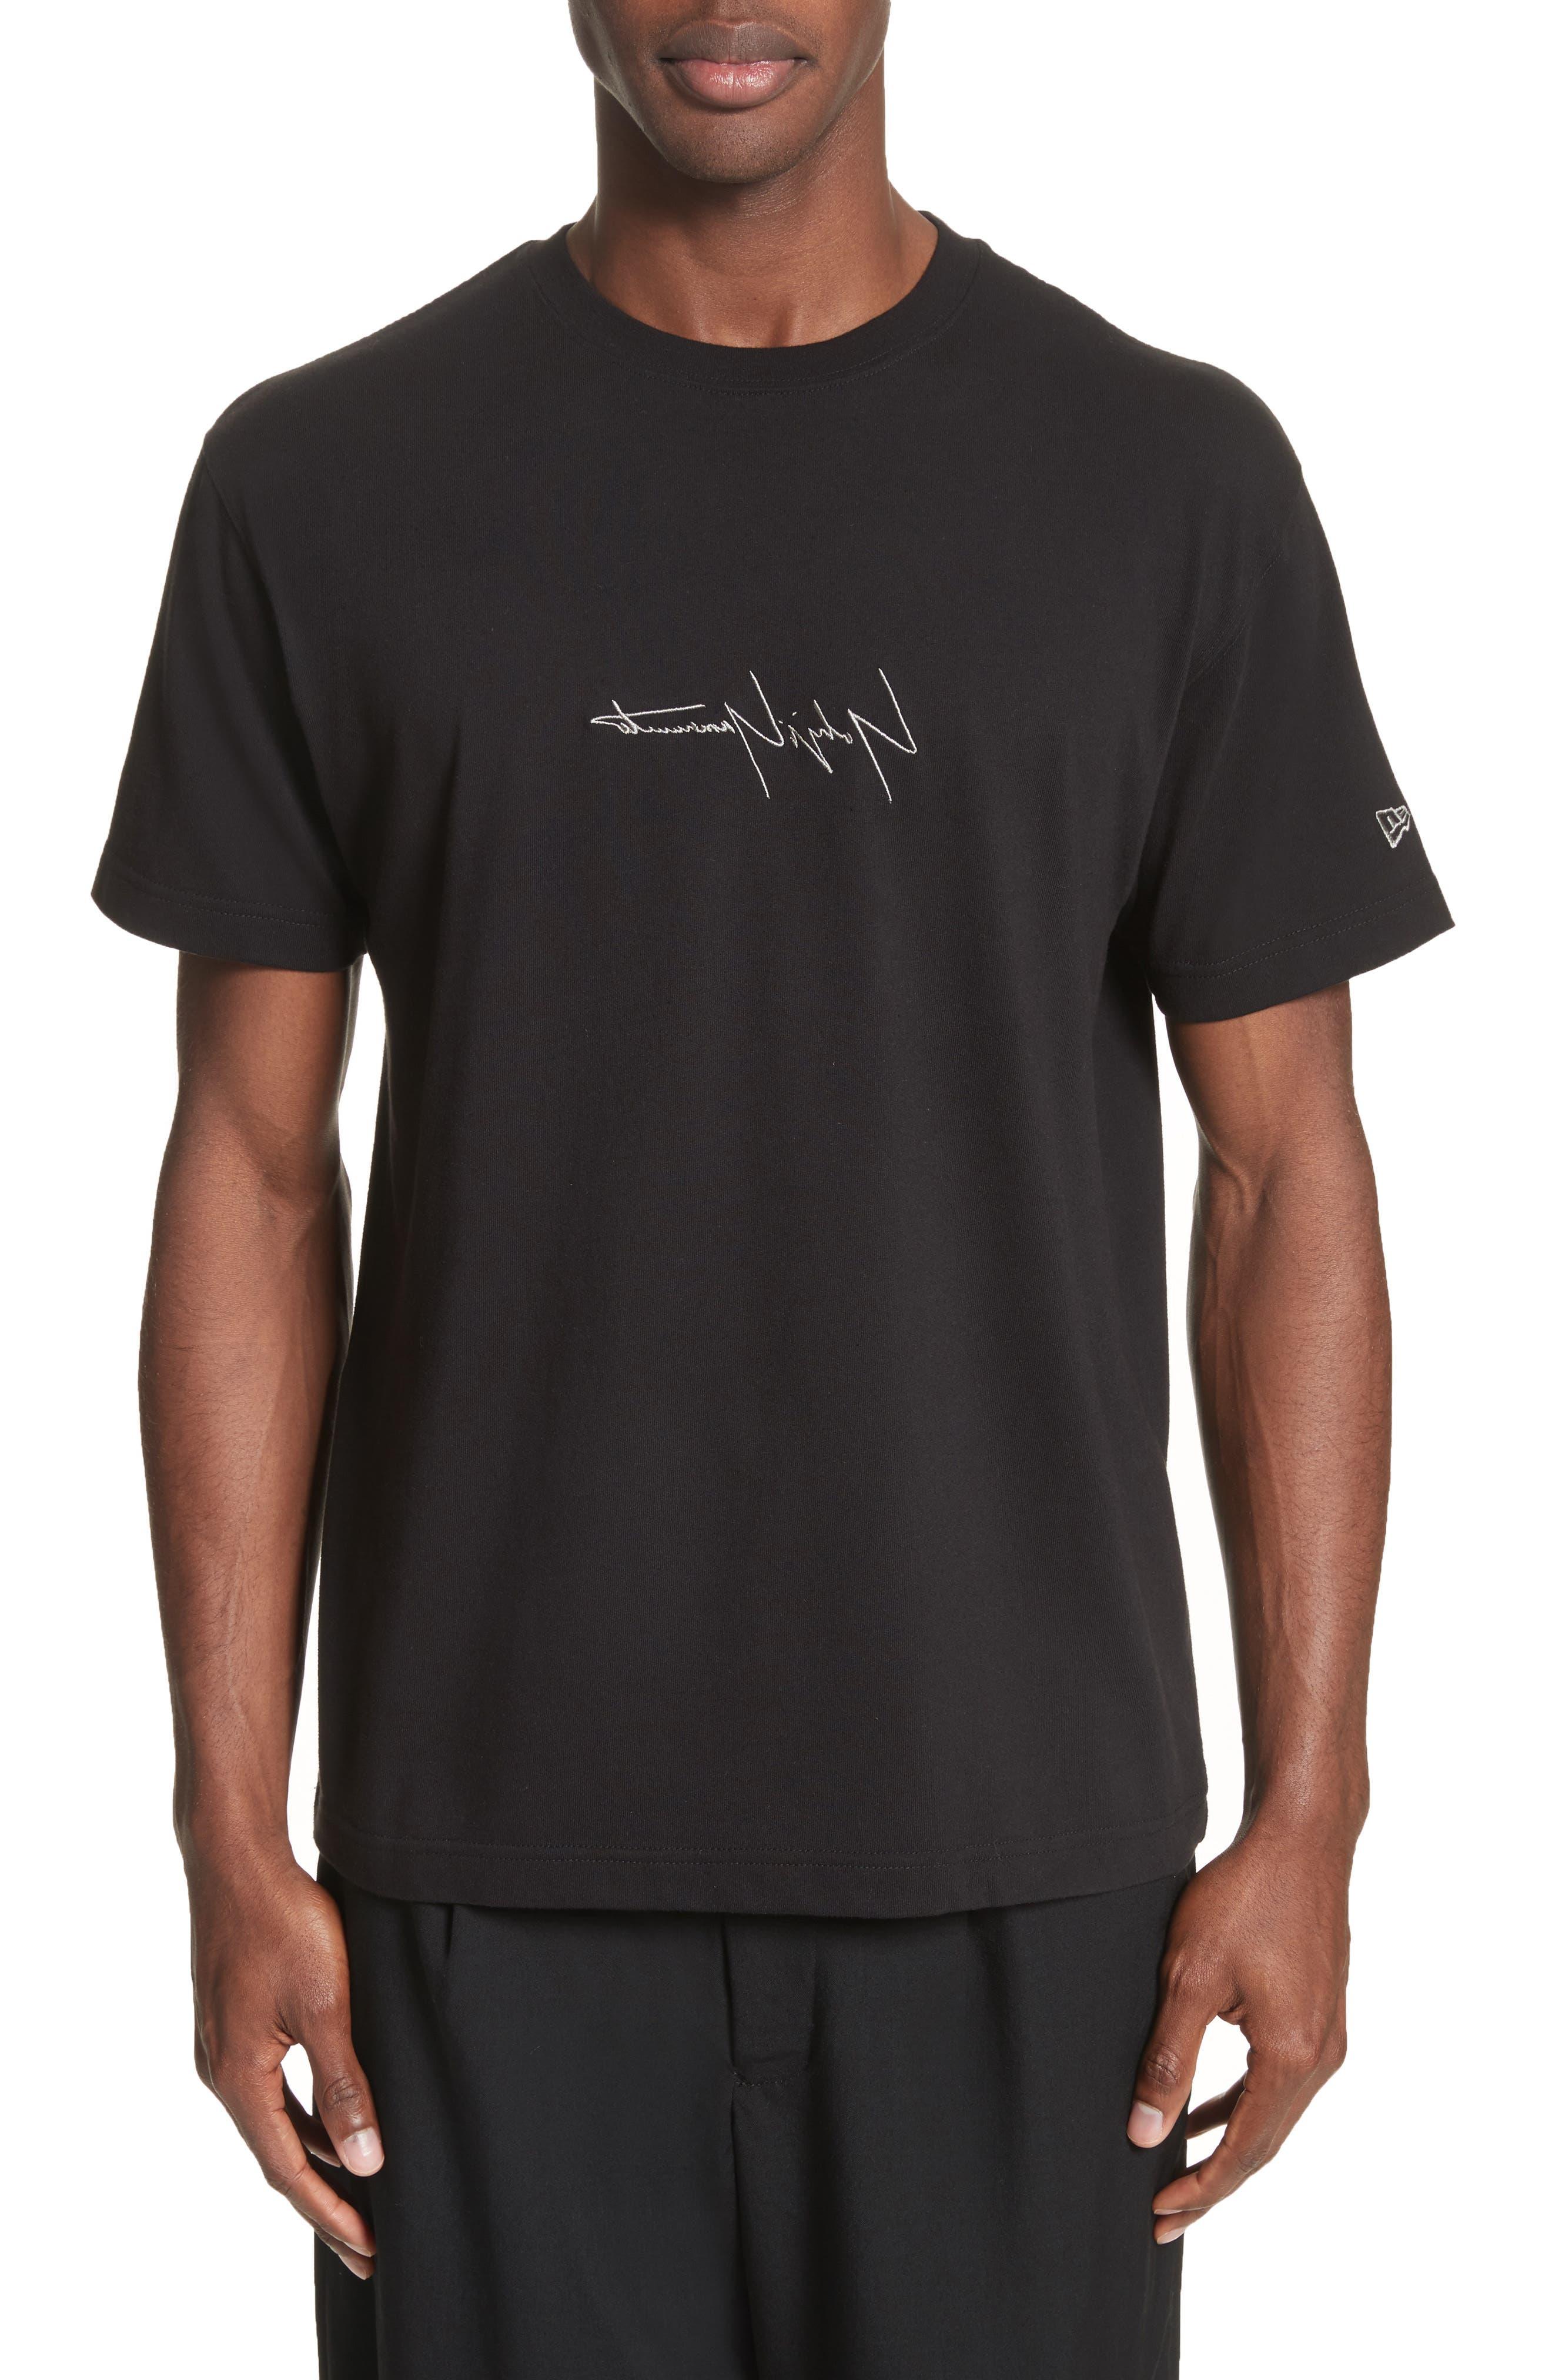 Alternate Image 1 Selected - Yohji Yamamoto x New Era Embroidered Script T-Shirt